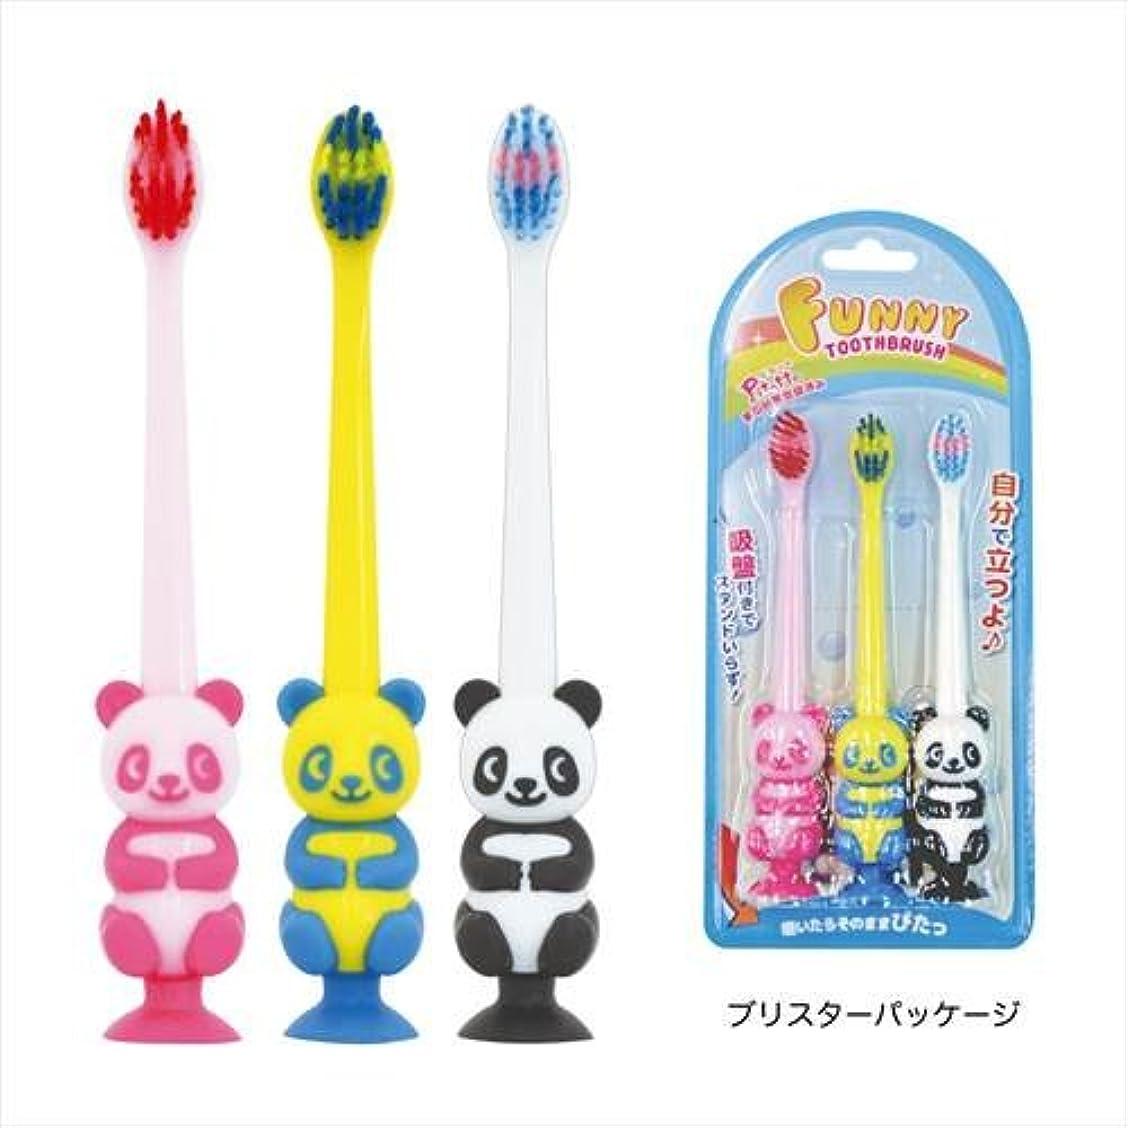 来ていたずらな出血ファニー歯ブラシ パンダ 3本セット